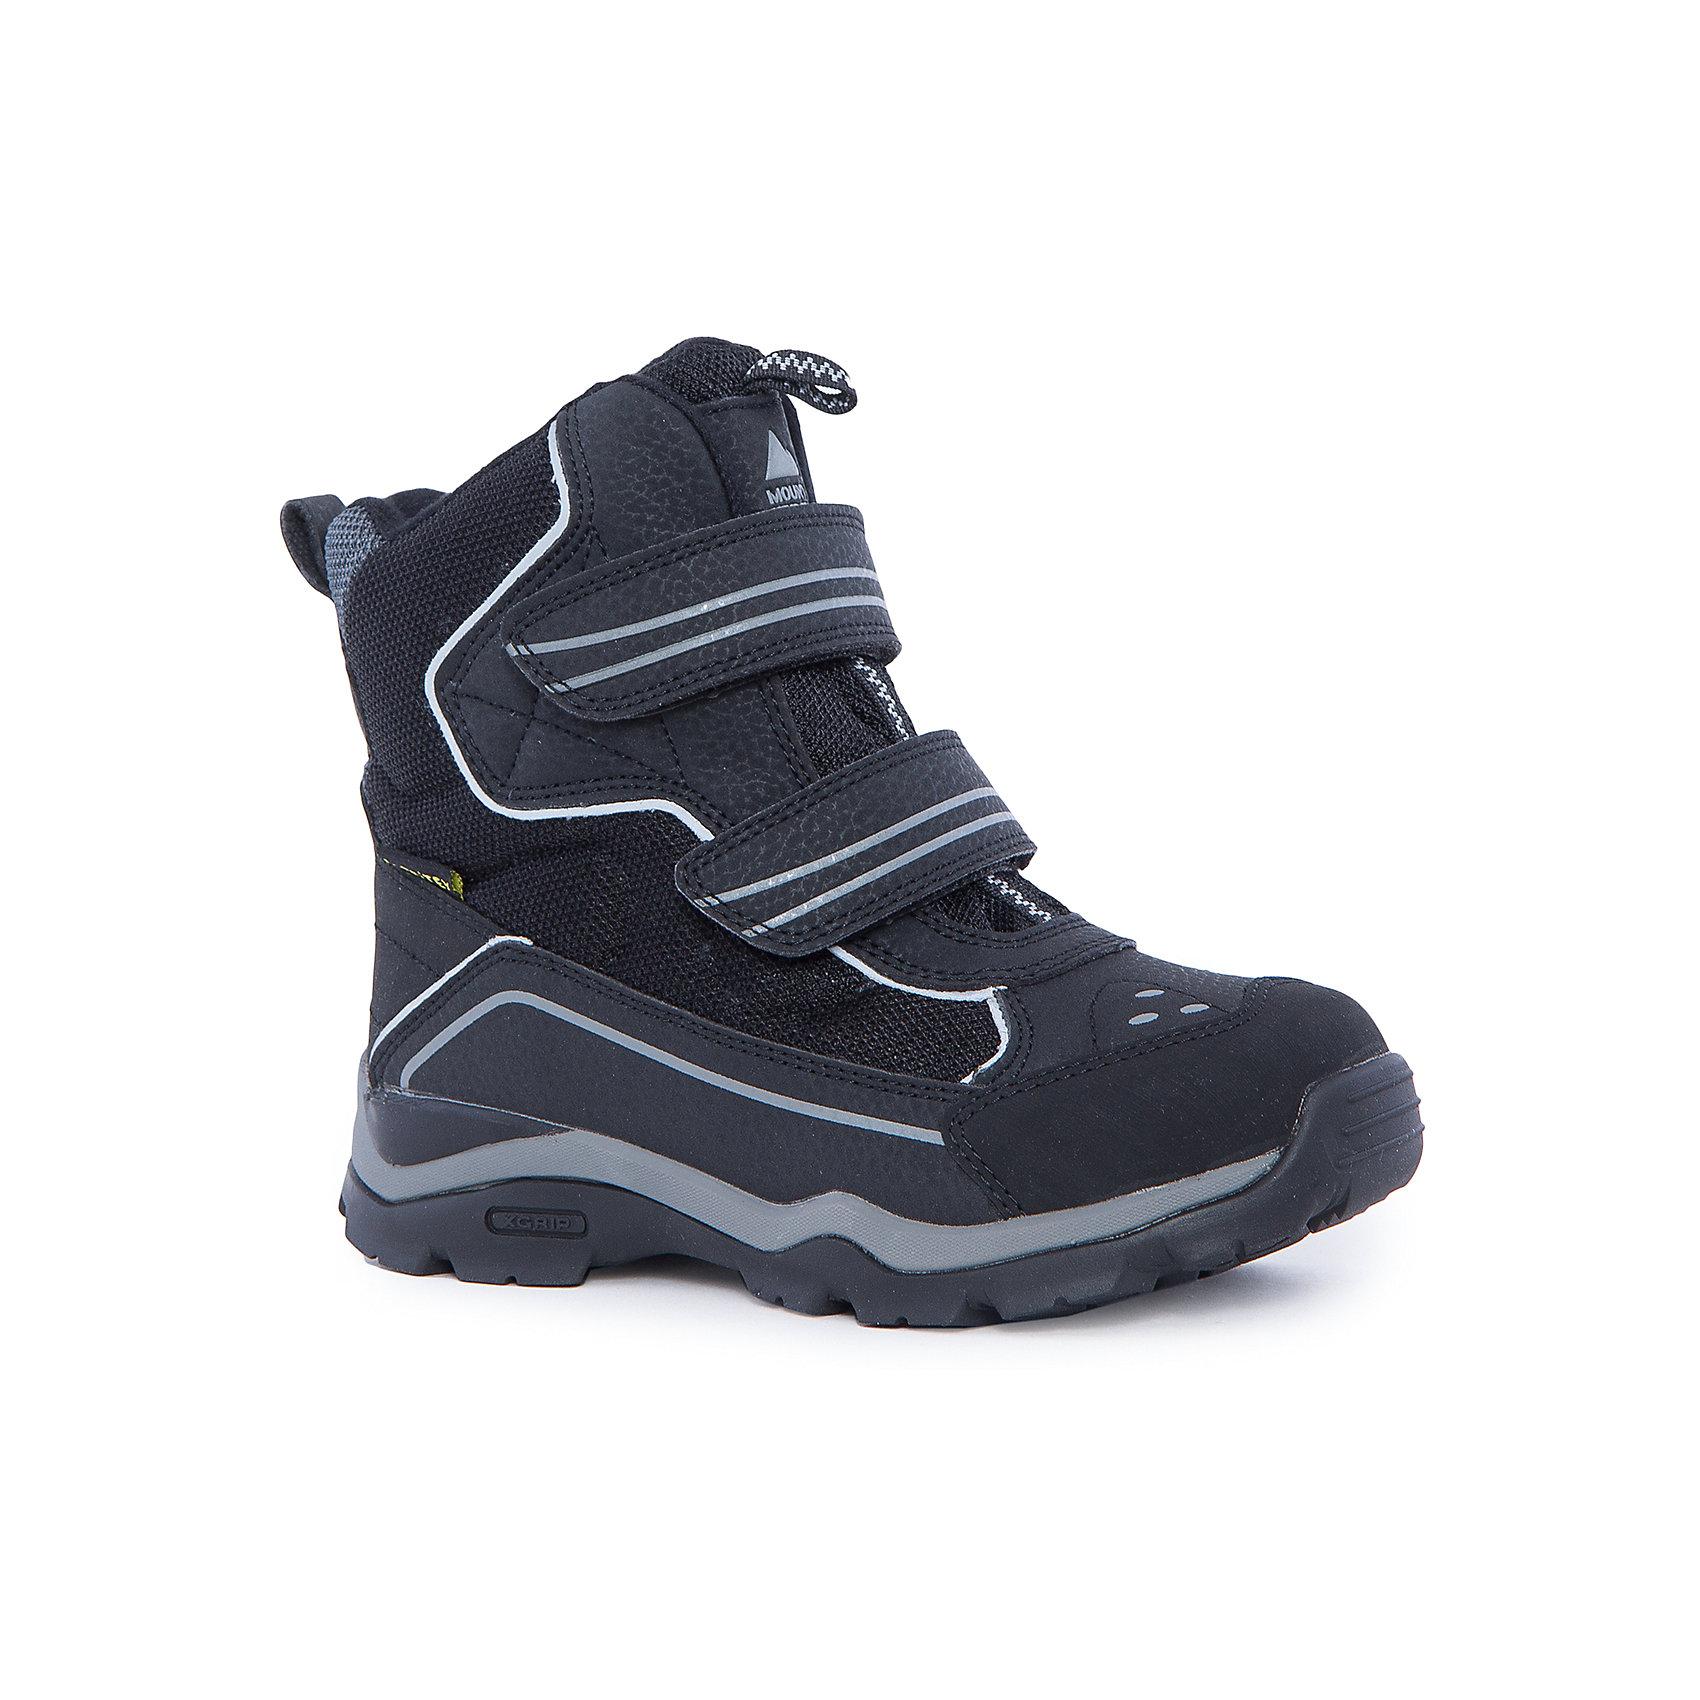 Ботинки для мальчика KAPIKAБотинки для мальчика KAPIKA.<br><br>Температурный режим: до -20 градусов. Степень утепления – средняя. <br><br>* Температурный режим указан приблизительно — необходимо, прежде всего, ориентироваться на ощущения ребенка. <br><br>Стильная и теплая обувь для холодной погоды.<br>Теплые и непромокаемые высокие ботинки – очень легкие и удобные. Ребенок сможет бегать долгое время и не уставать. Кроме этого, для правильного положения стопы есть твердый задник. Нескользящая подошва защитит ребенка от падения. Ботинки хорошо прилегают к ноге, фиксируясь двумя липучками.<br><br>Дополнительная информация:<br><br>- цвет: черный<br>- материал верха: искусственная кожа/водонепроницаемый материал<br>- материал низа: 65% искусственный мех, 35% шерсть<br><br>Ботинки для мальчика KAPIKA можно купить в нашем интернет магазине.<br><br>Ширина мм: 262<br>Глубина мм: 176<br>Высота мм: 97<br>Вес г: 427<br>Цвет: черный<br>Возраст от месяцев: 132<br>Возраст до месяцев: 144<br>Пол: Мужской<br>Возраст: Детский<br>Размер: 33,34,35,31,32<br>SKU: 4987962